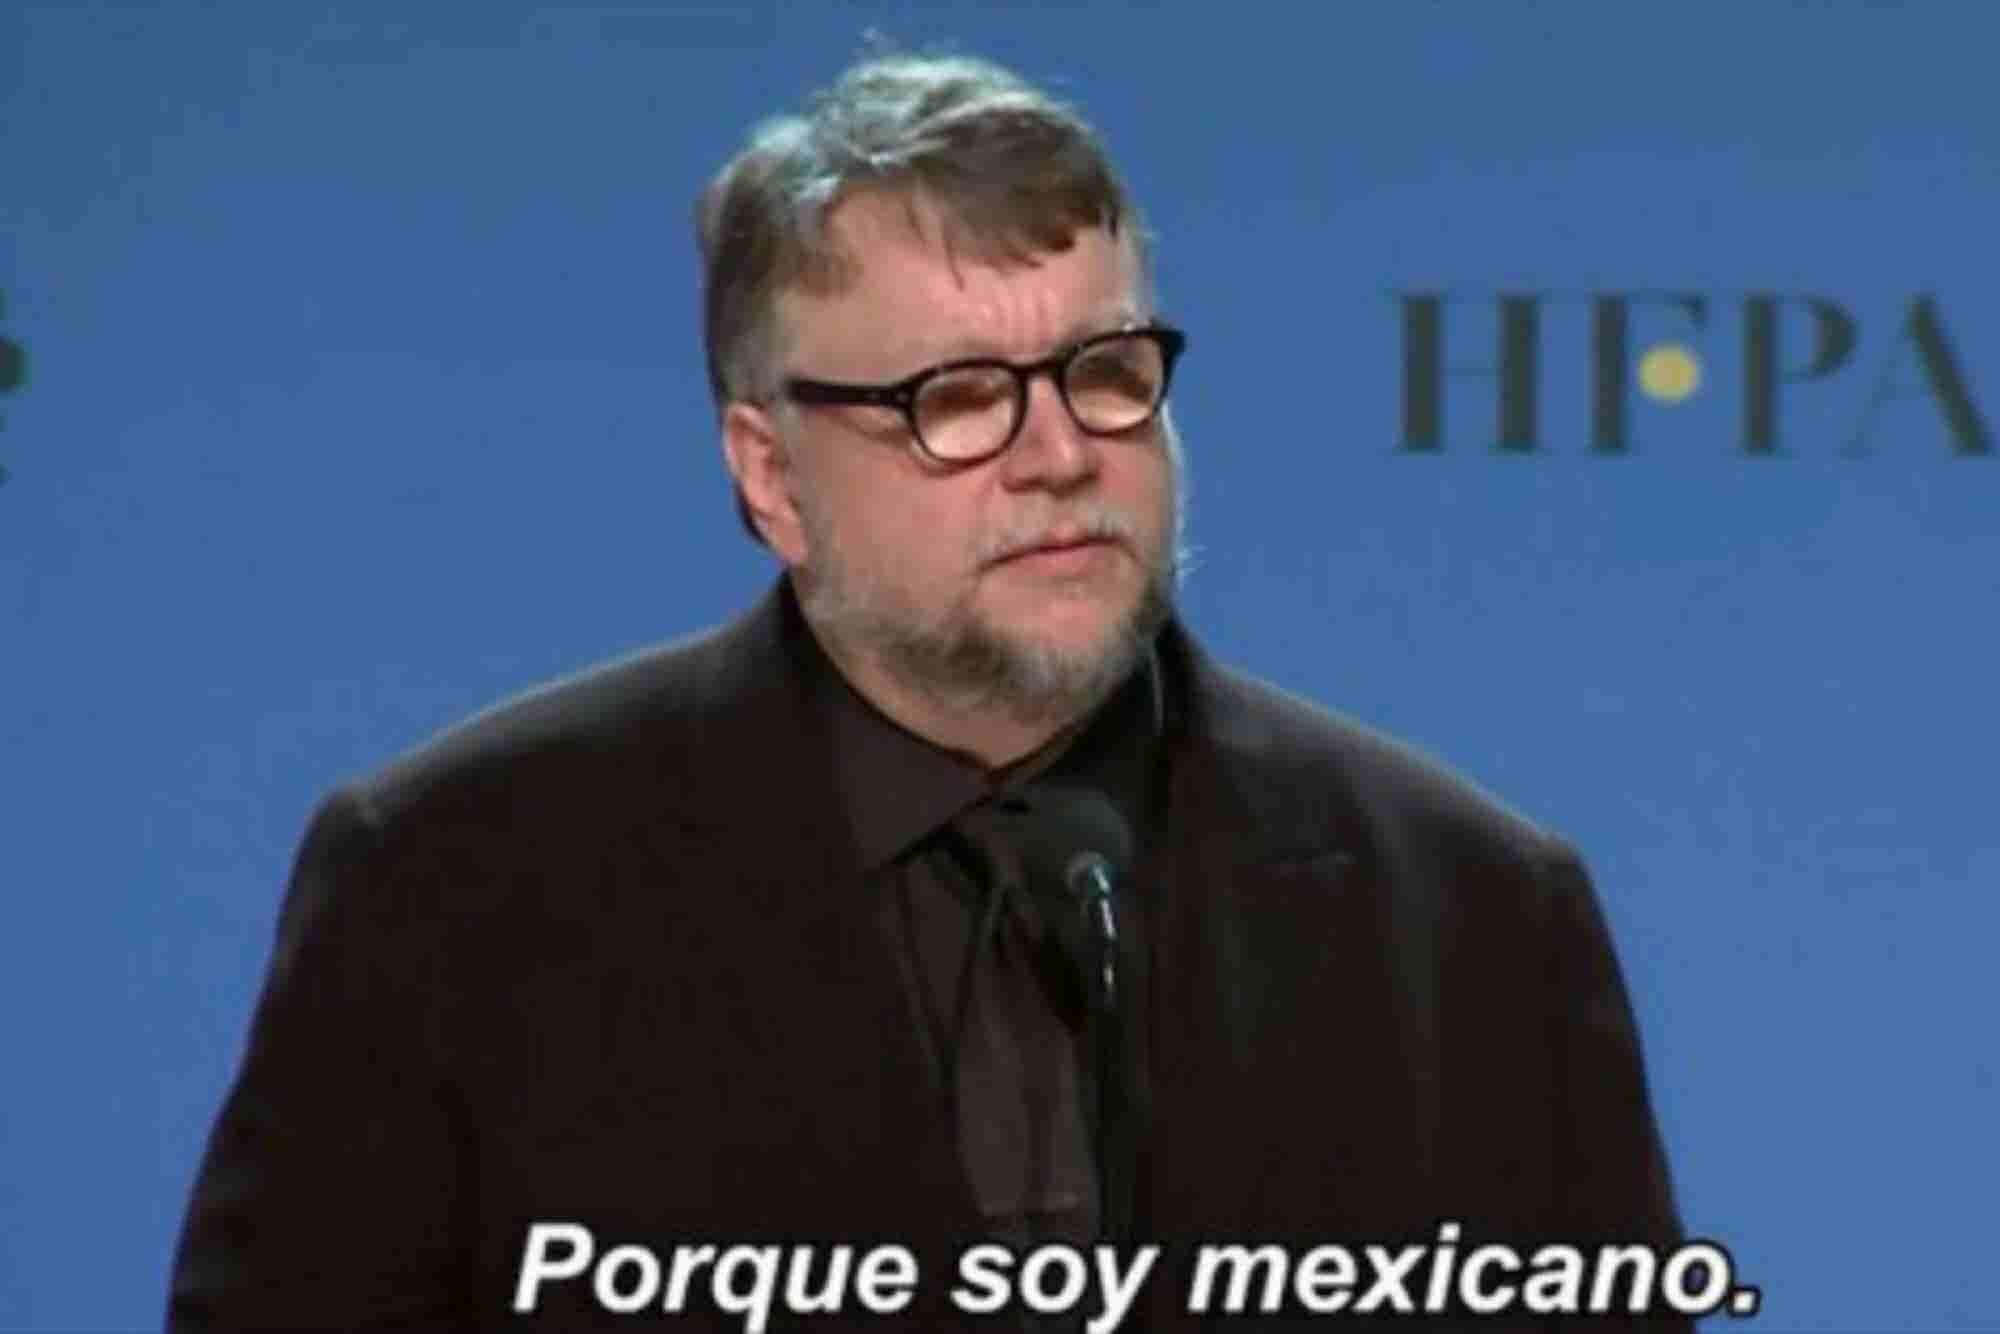 La lecciones que puedes aprender de Guillermo del Toro